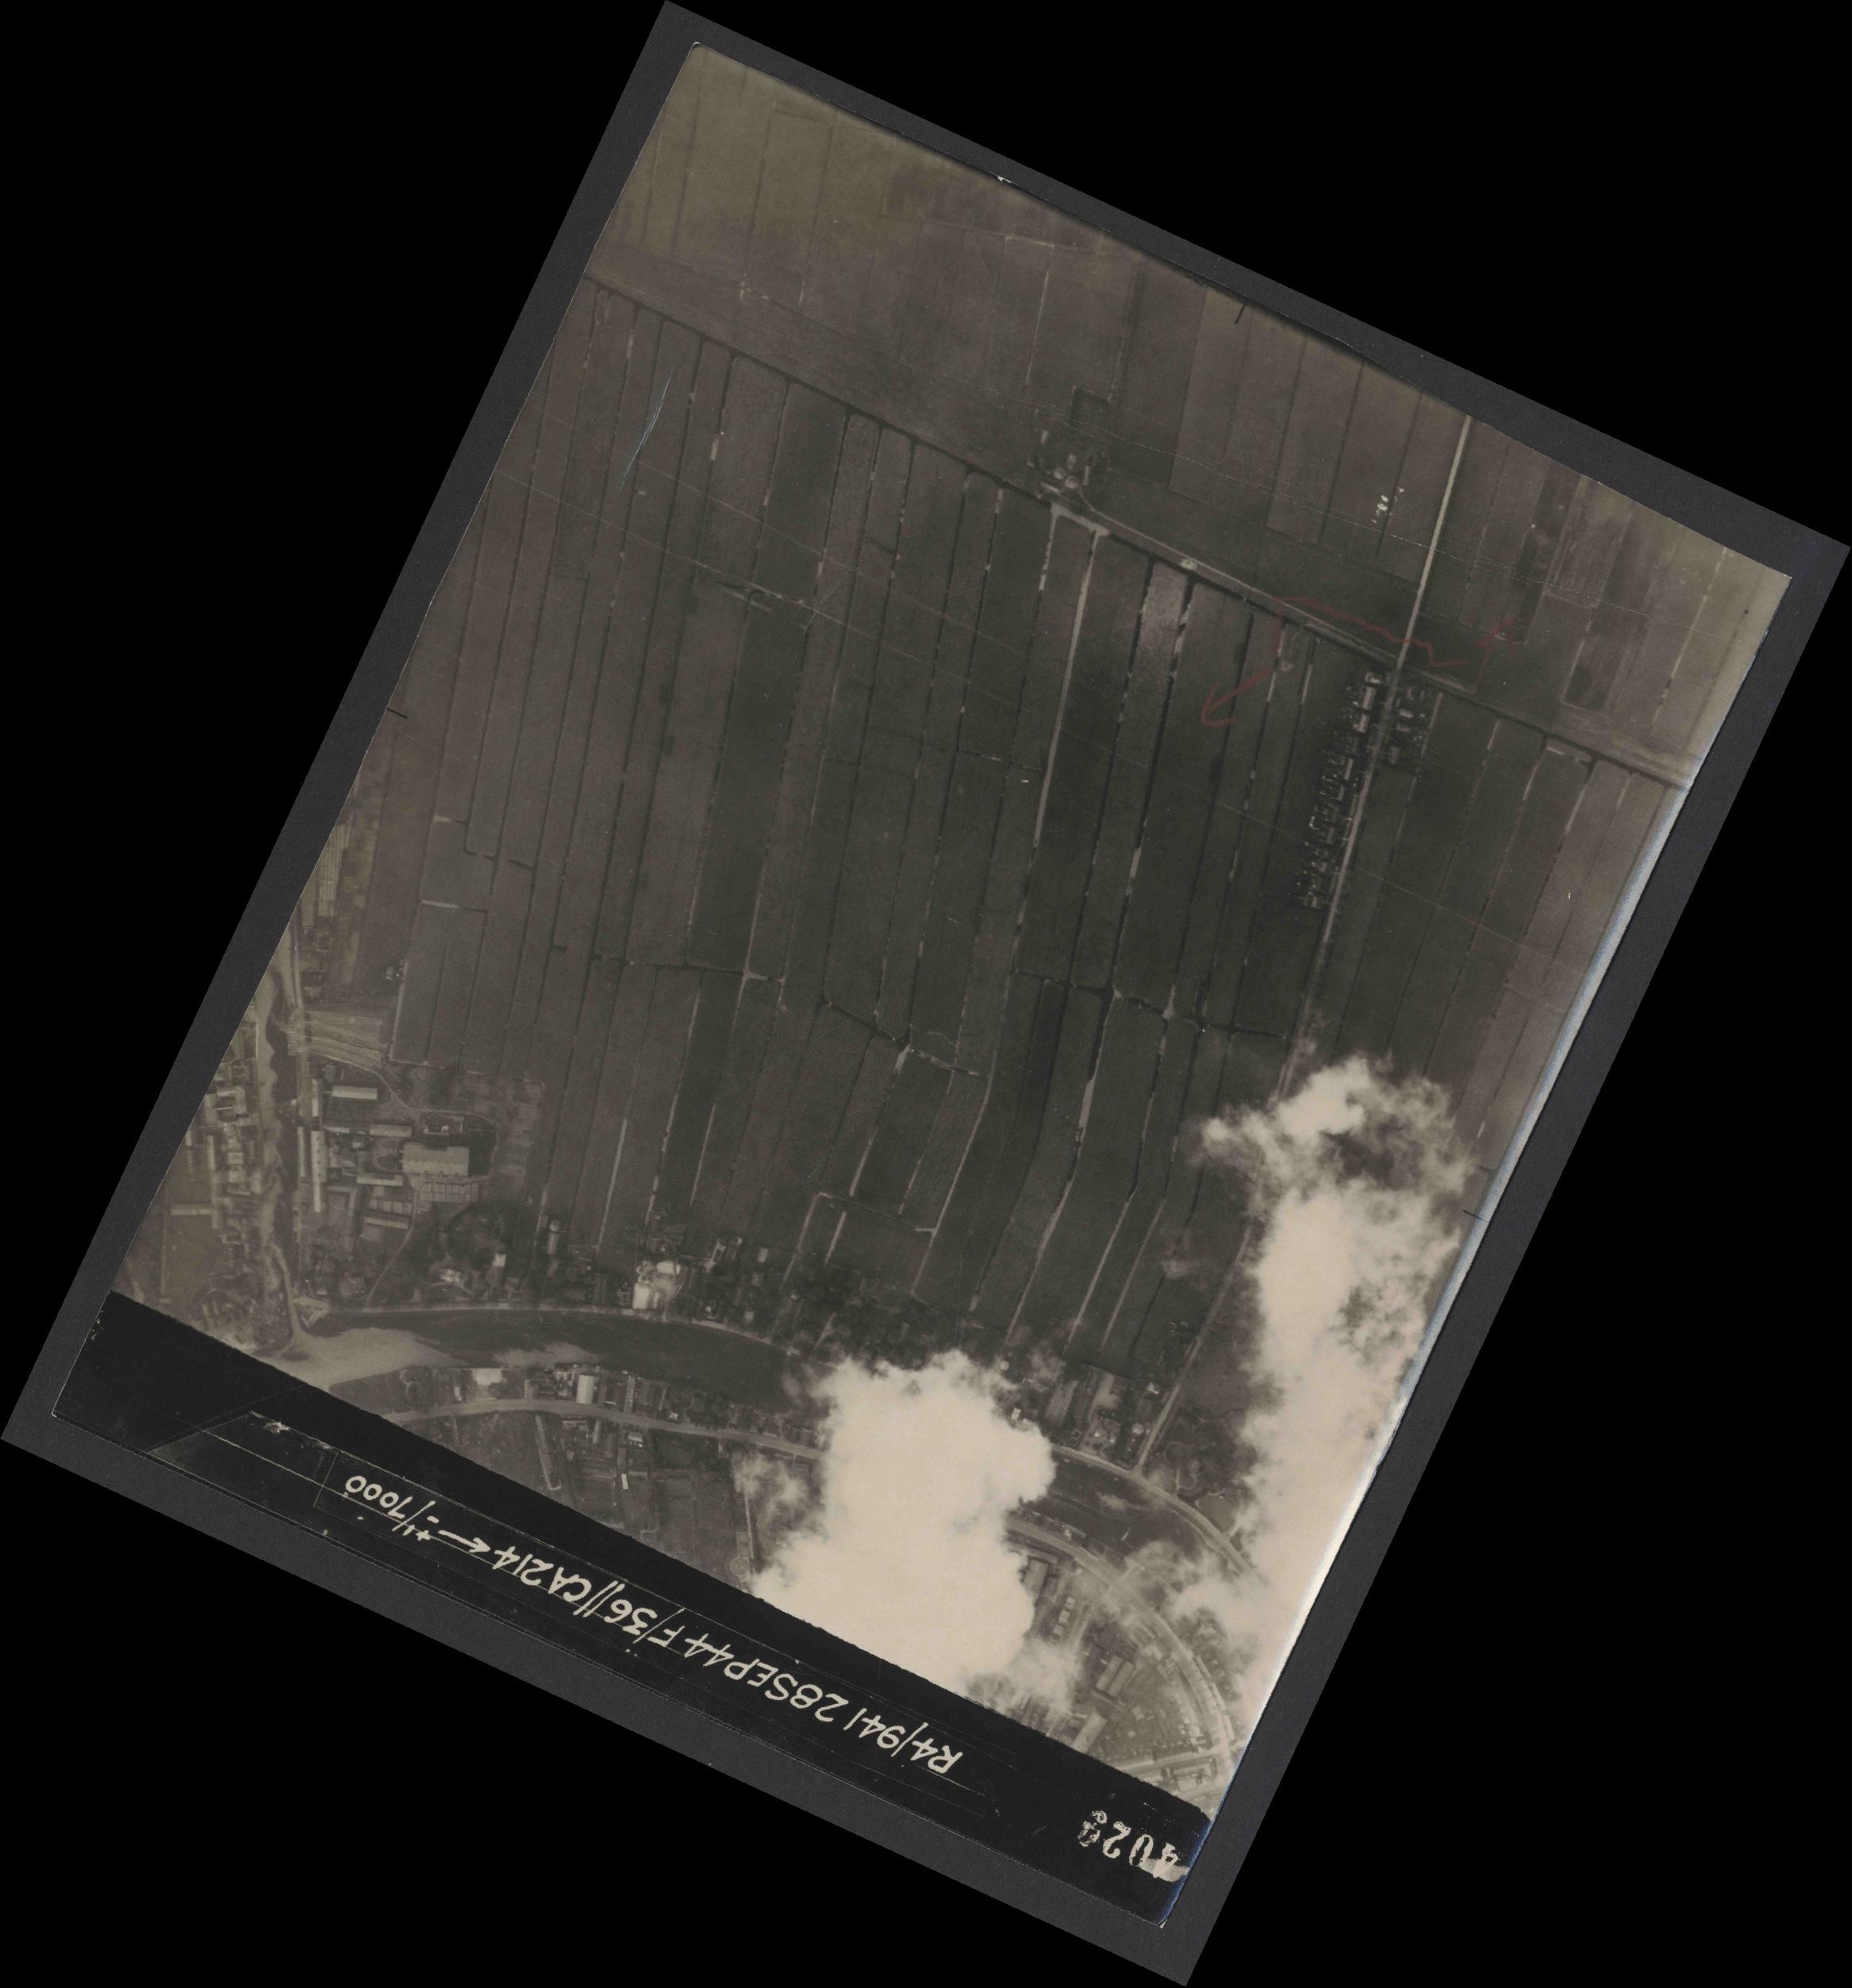 Collection RAF aerial photos 1940-1945 - flight 067, run 06, photo 4029